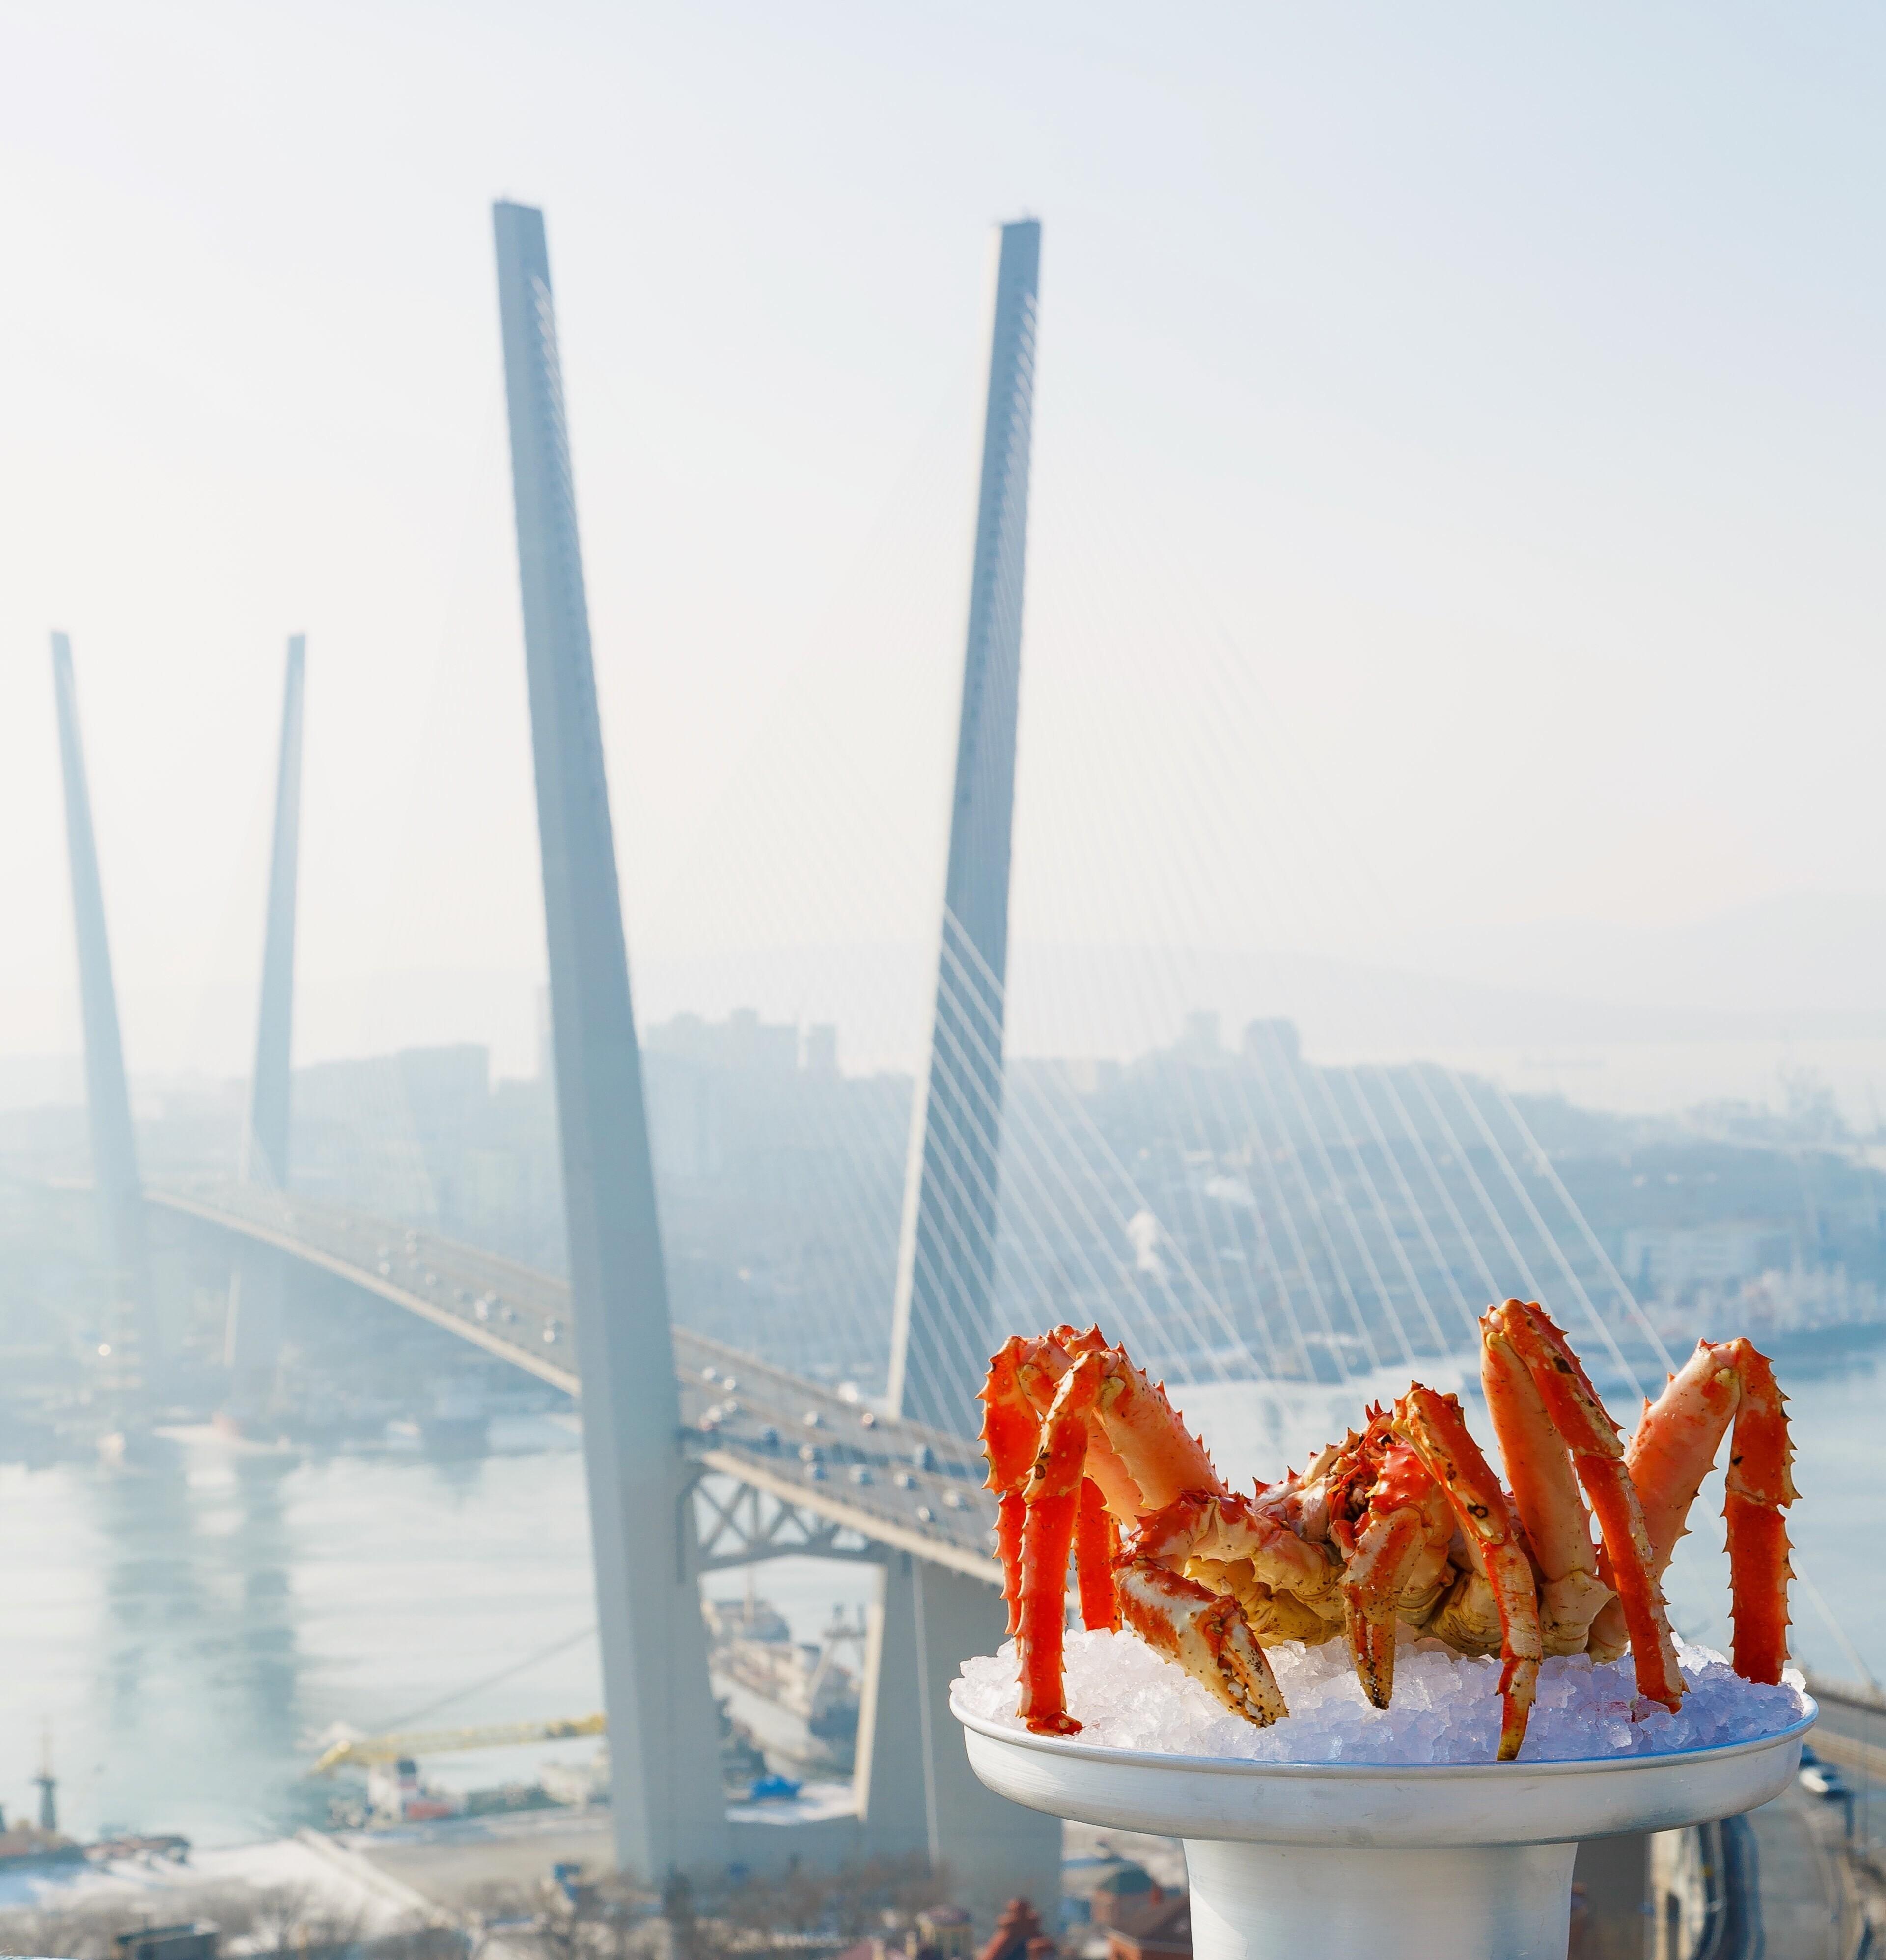 От Москвы до Владивостока: где мы будем есть блюда из краба по доступной цене в этом году